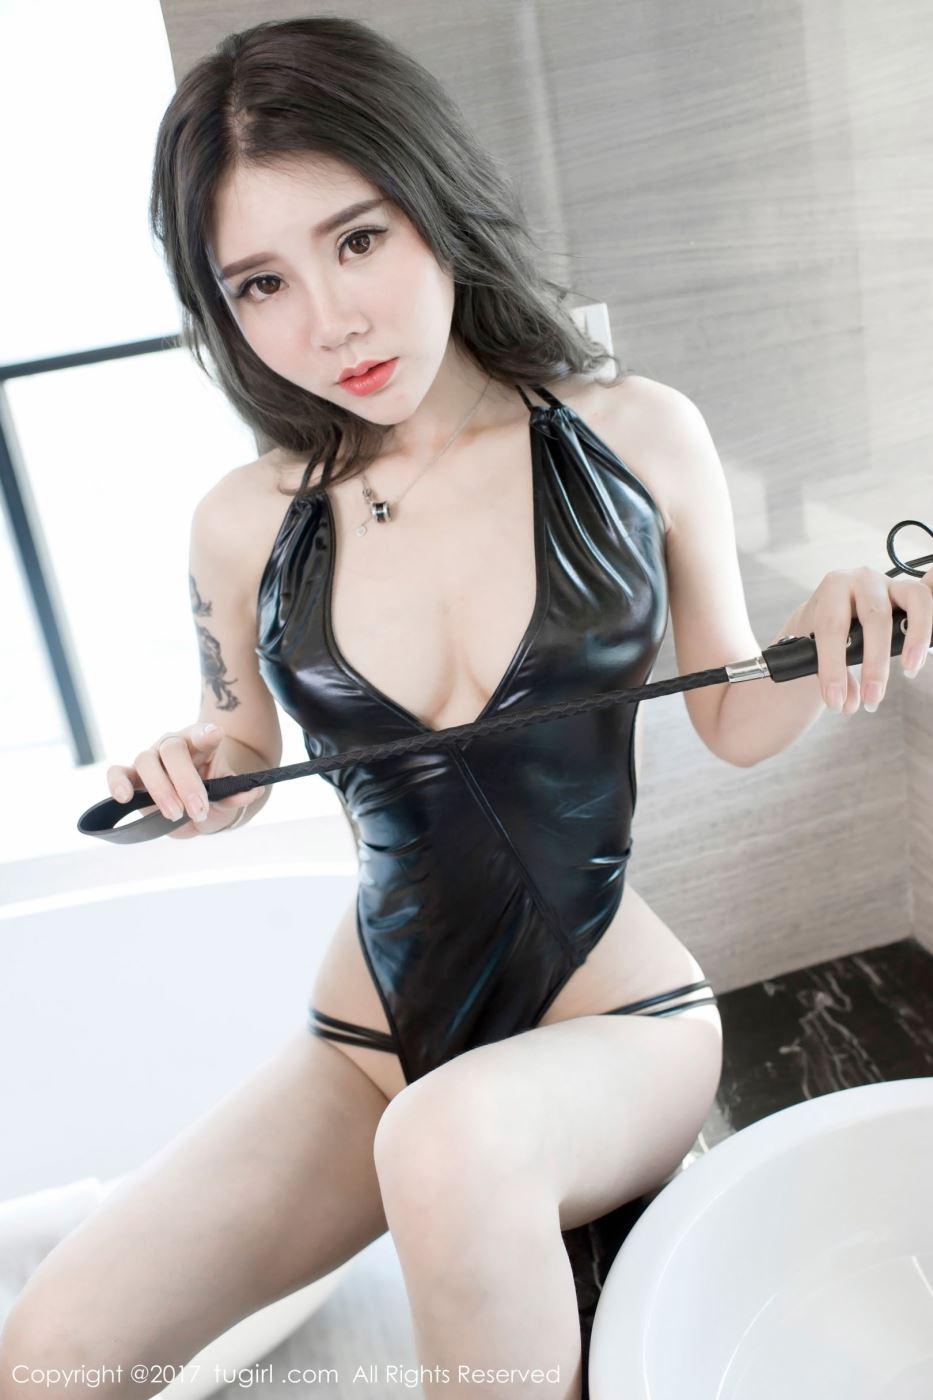 网红美女白嫩酥胸模特爱丽莎Lisa制服美女湿身诱惑写真